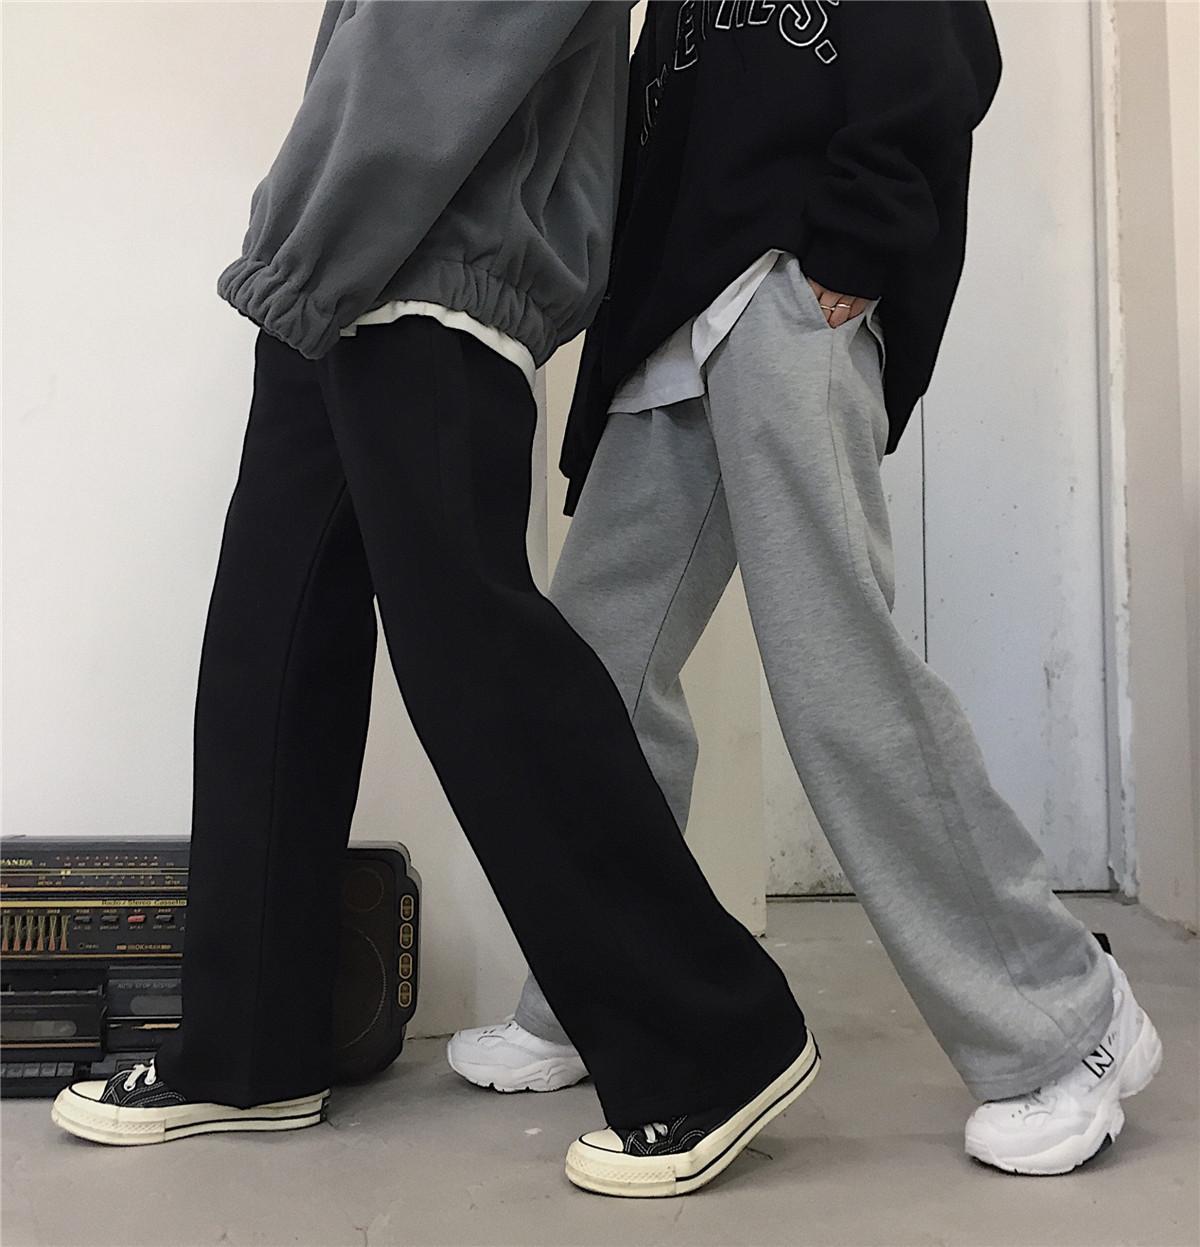 Spring Summer Mode Femme Solide Taille haute Loable Pantalon de jambe lâche Femmes Pantalons Casual Pantalon Casual Plus Taille S-5XL 201106